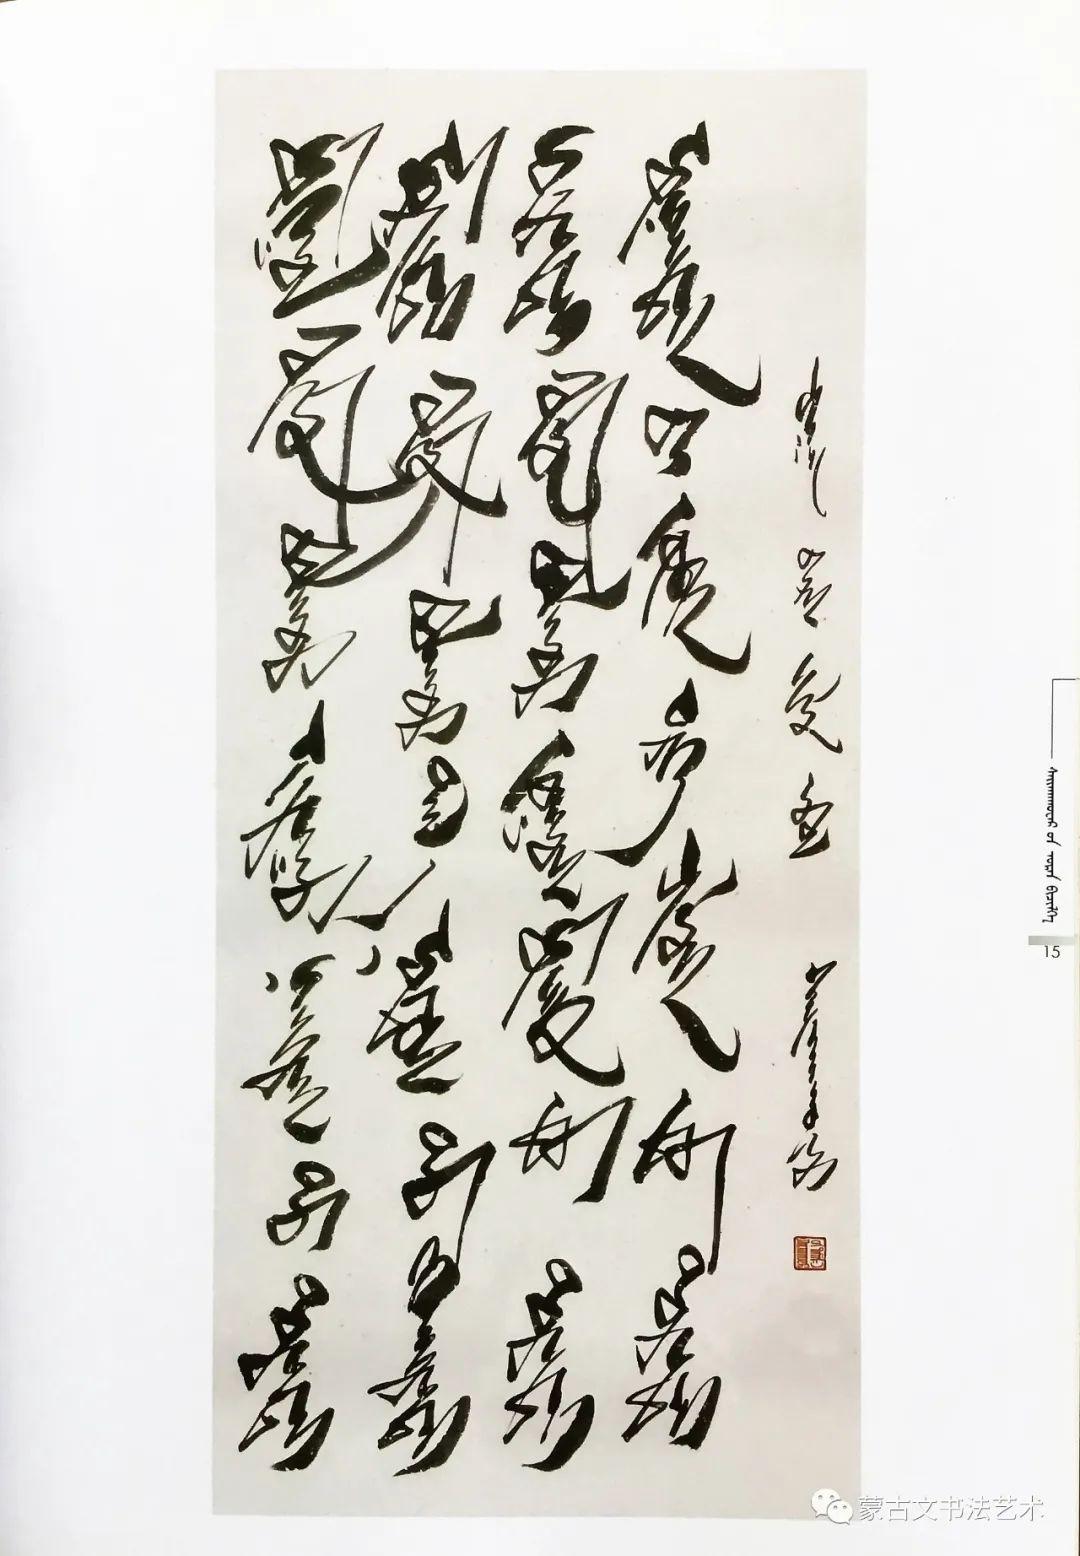 包赛音花《传奇奈曼-包赛音花蒙古文书法》 第11张